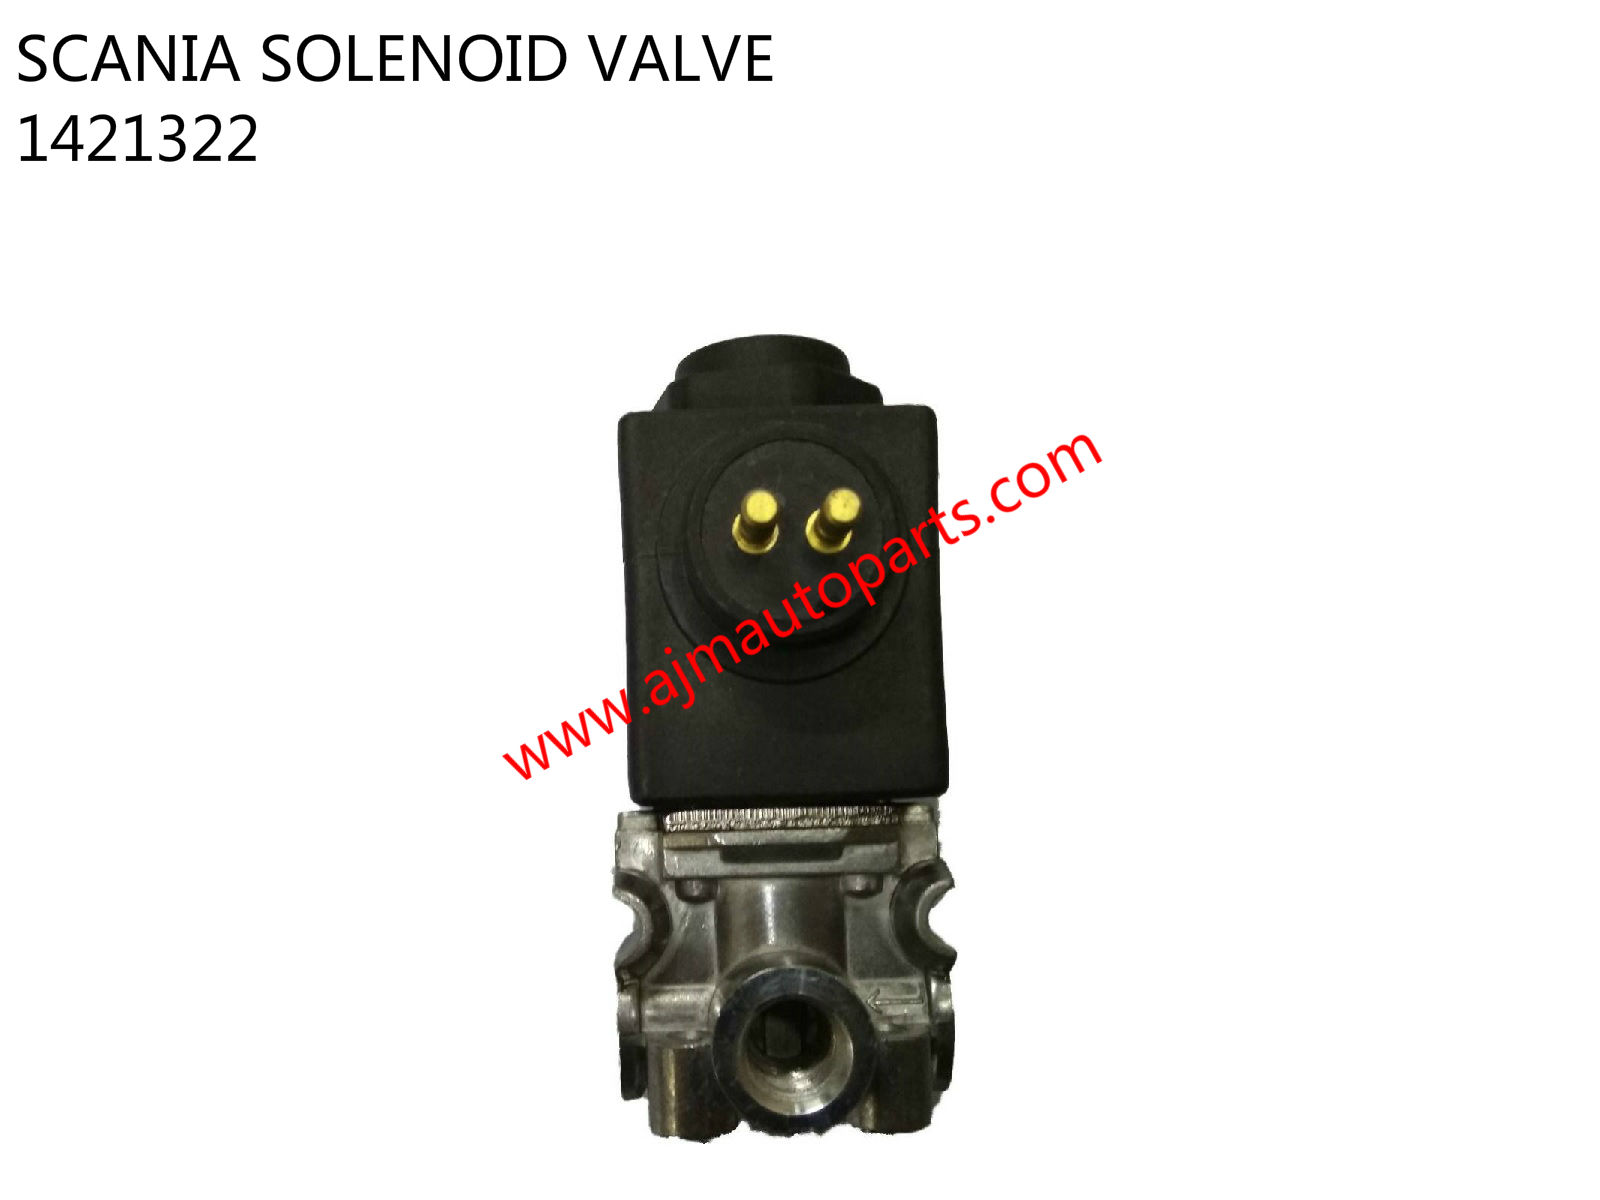 SCANIA SOLENOID VALVE-1421322